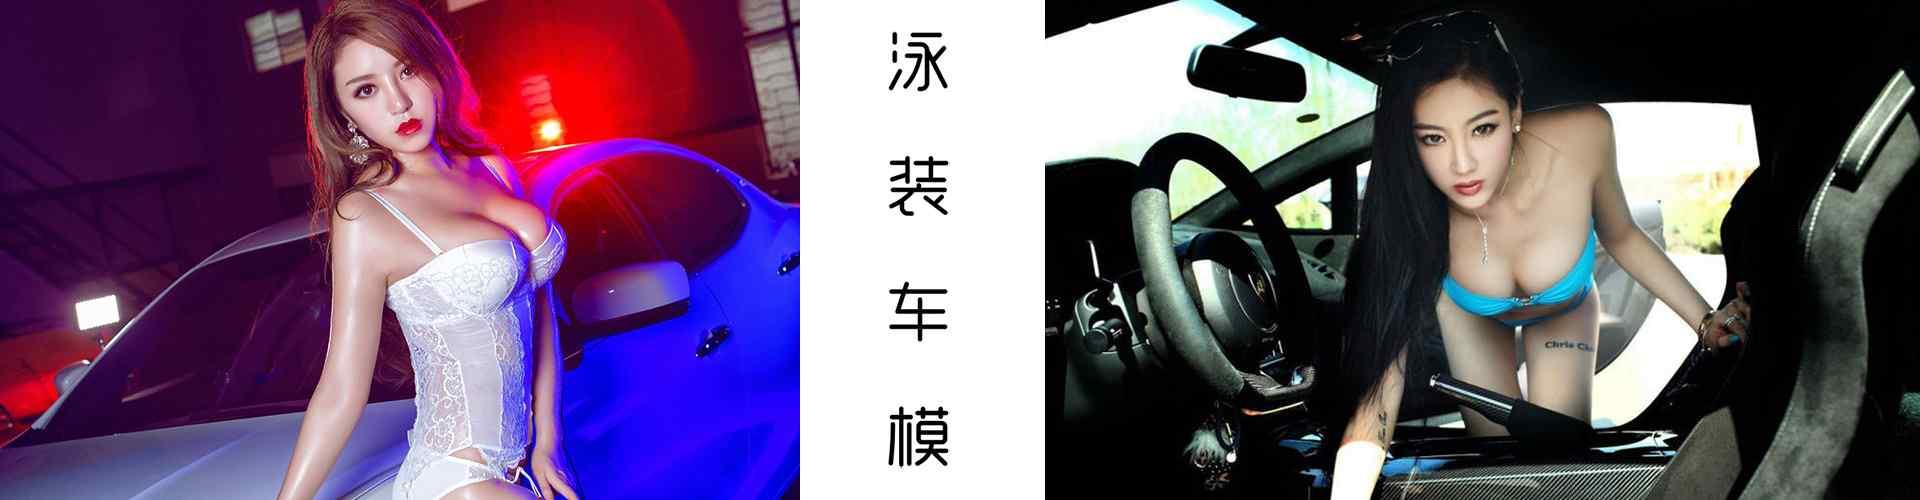 泳装美女车模_泳装车模图片_性感泳装美女图片_泳装车模图片_车模高清壁纸_2017年车展车模壁纸